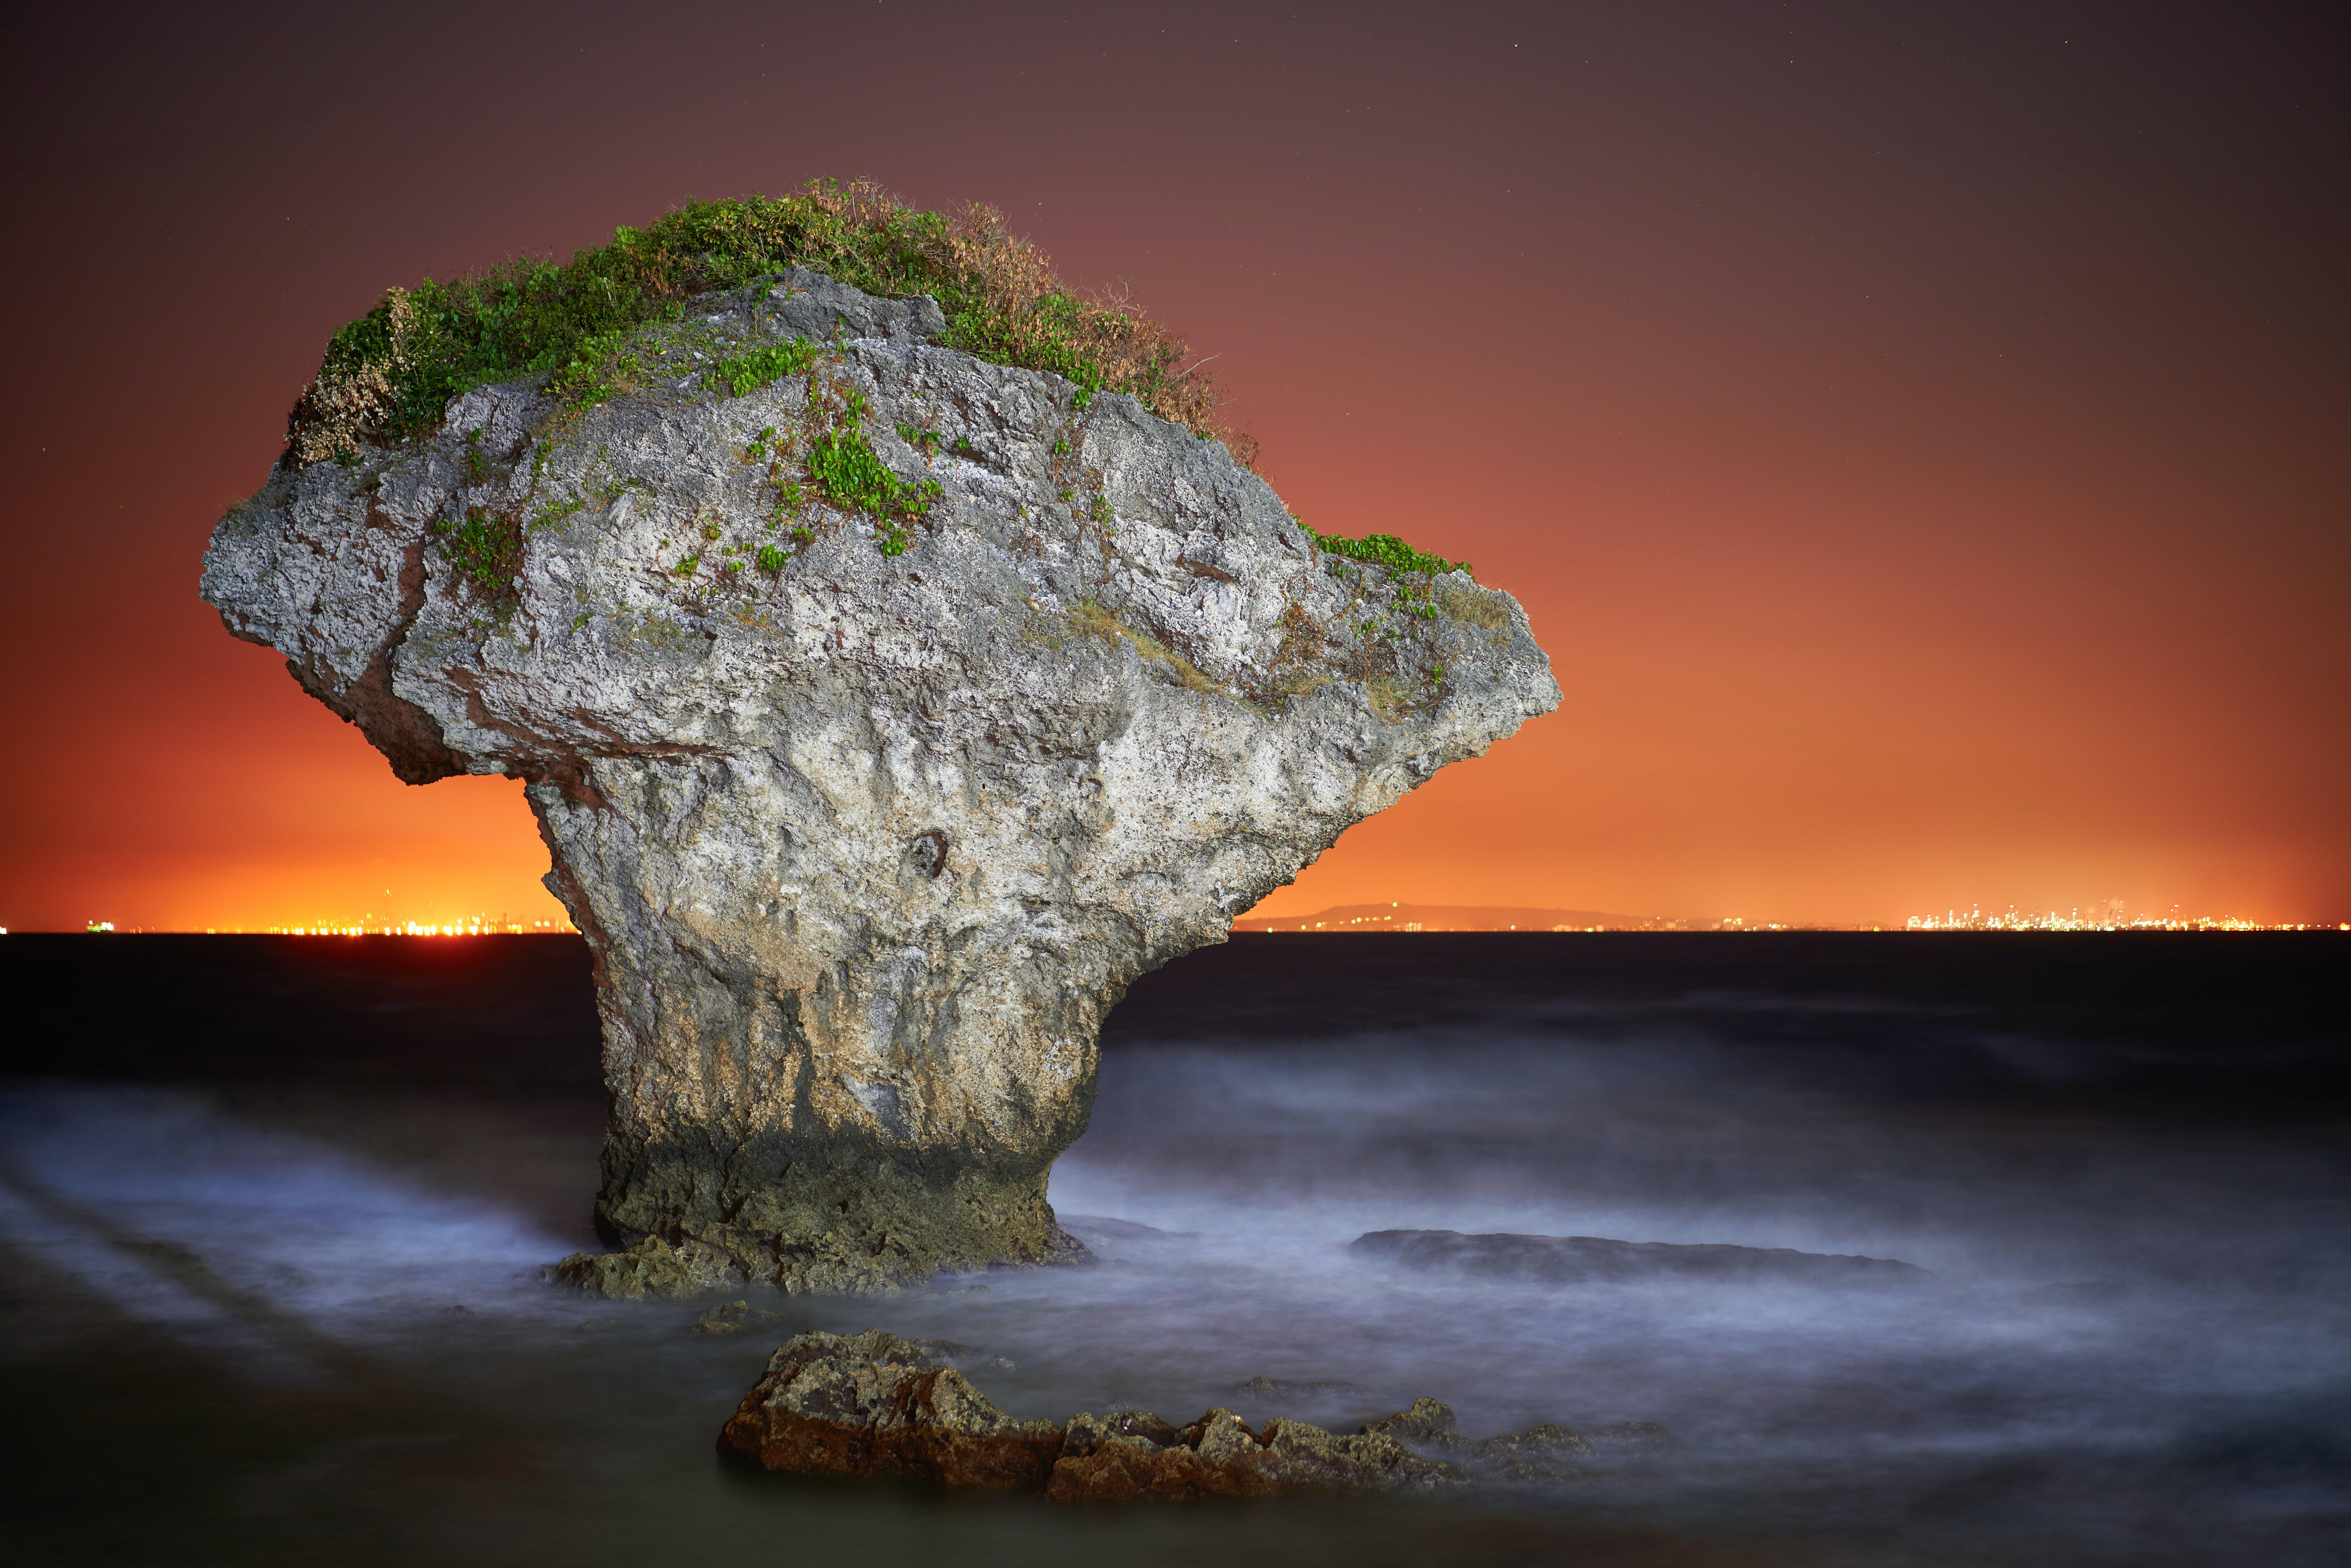 꽃병 바위, 대만, 락, 바다의 무료 스톡 사진